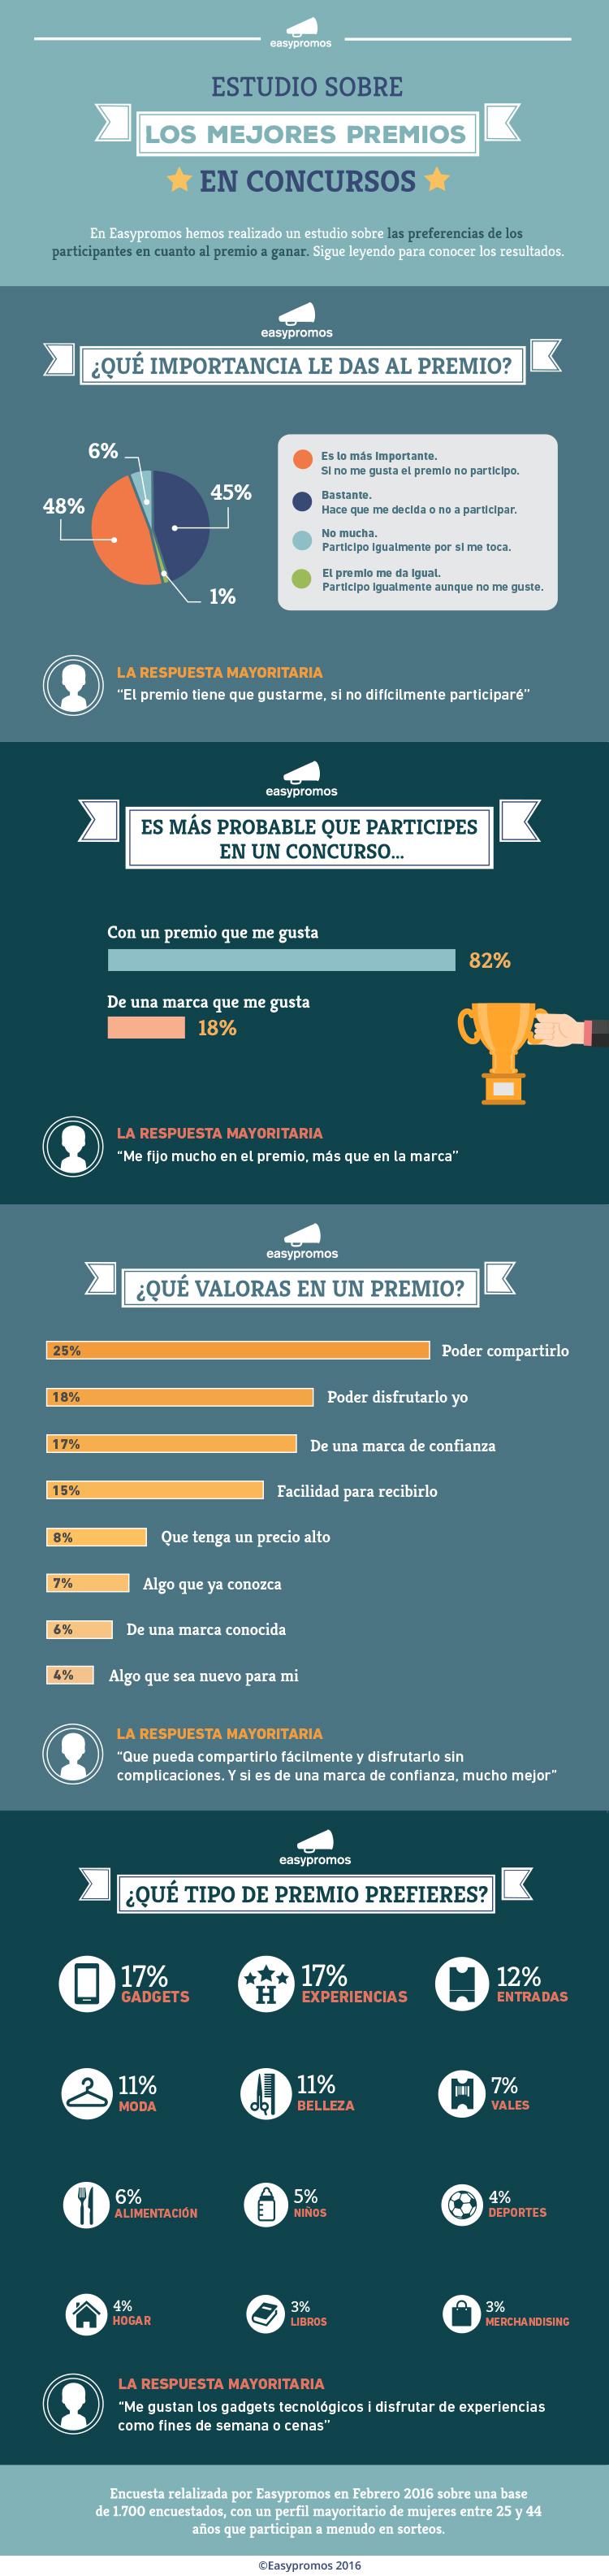 Infografía sobre los mejores premios en los concursos